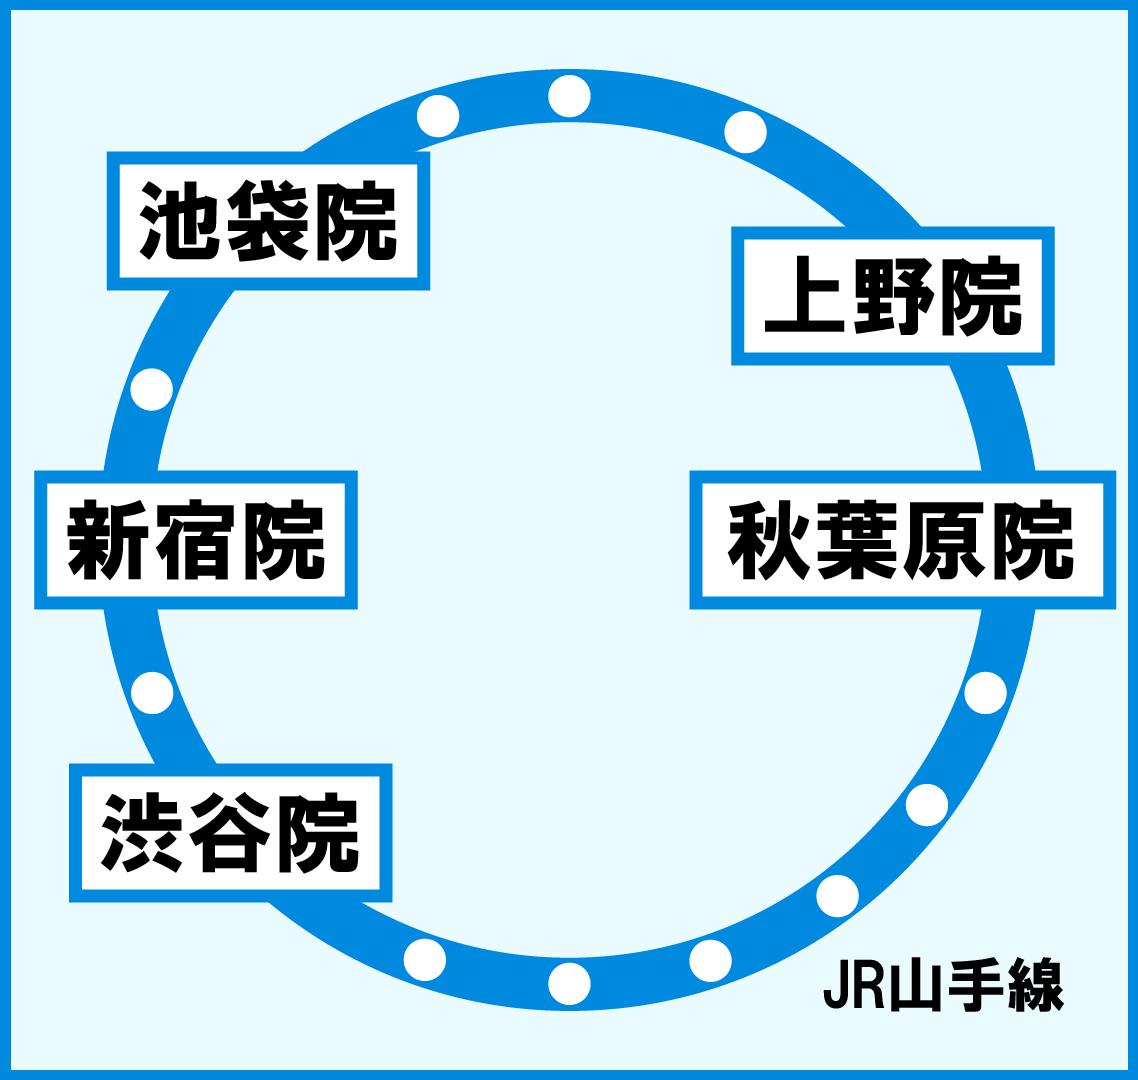 ゆうメンタルクリニック・グループ